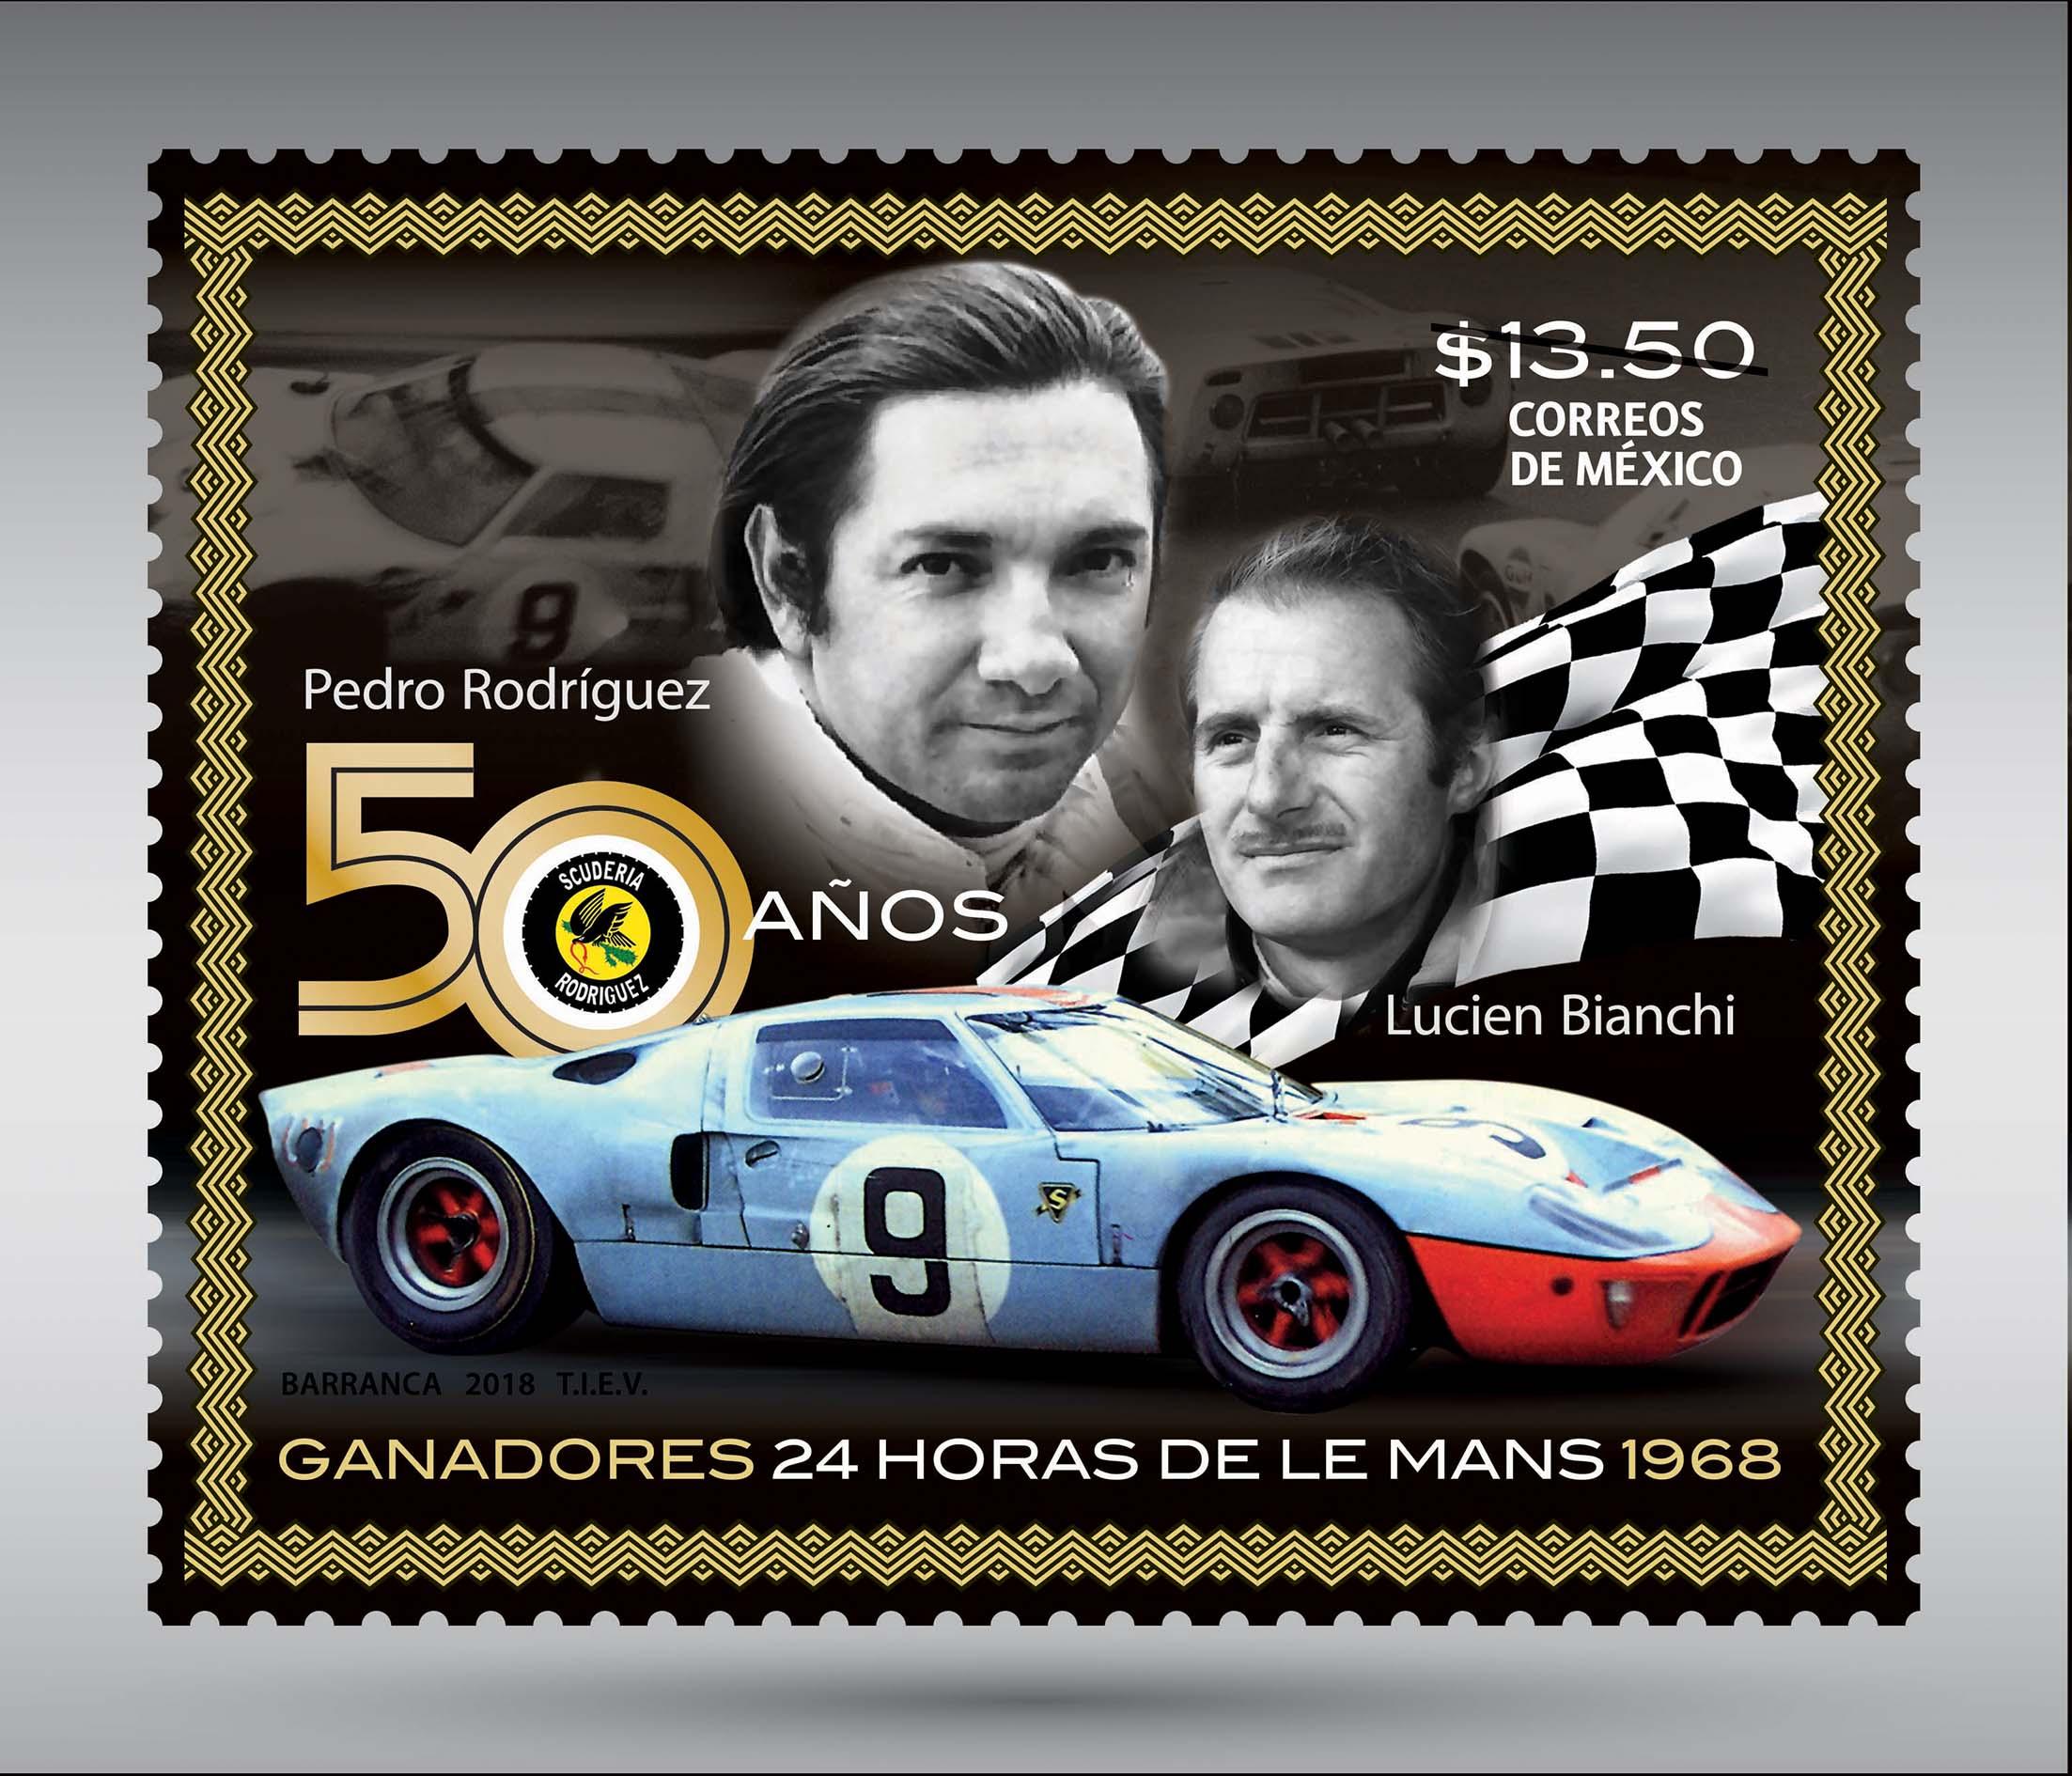 Sepomex recuerda a Pedro Rodríguez a 50 años de su victoria en Le Mans